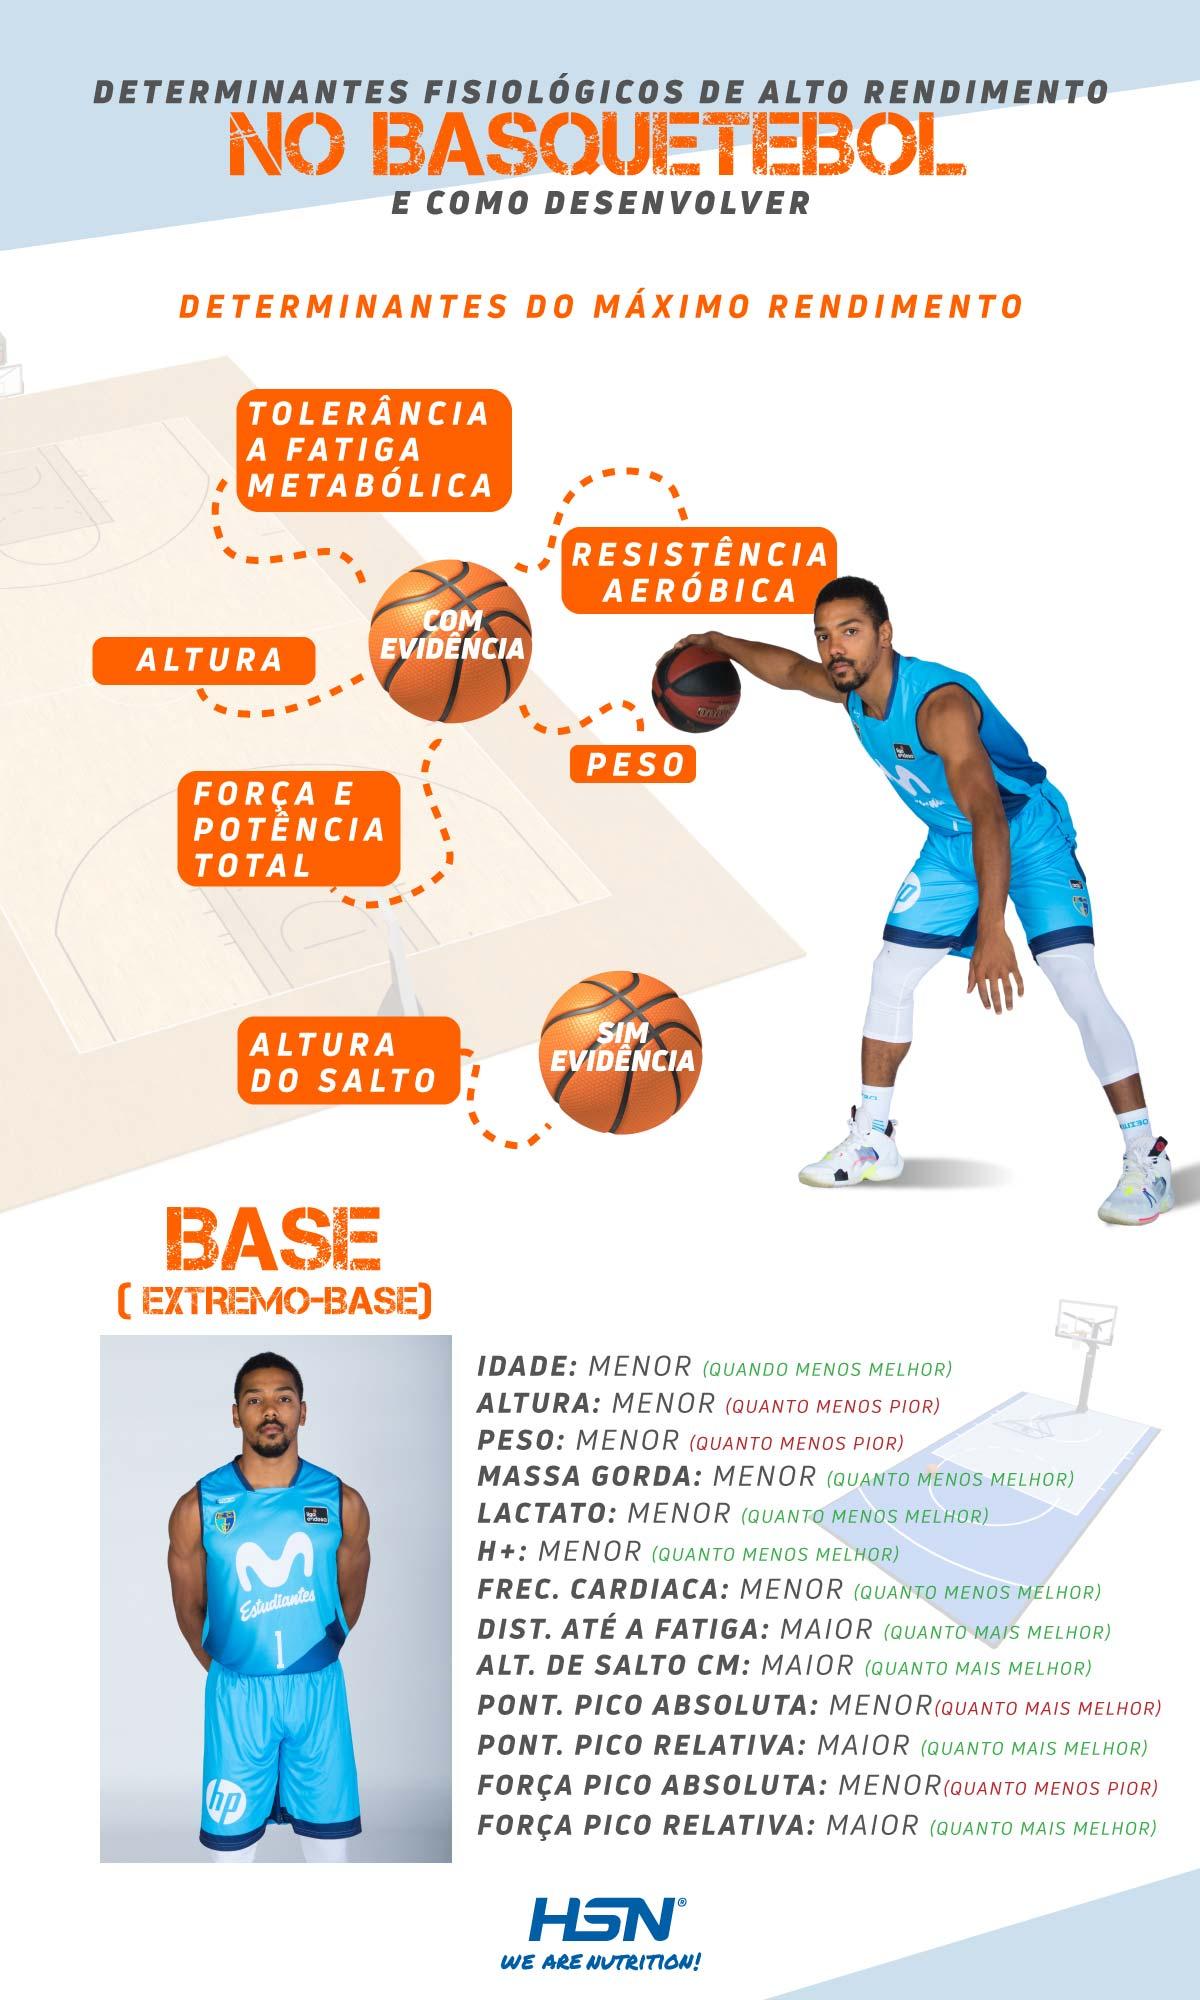 Determinantes fisiologicos alto rendimiento basquetebol